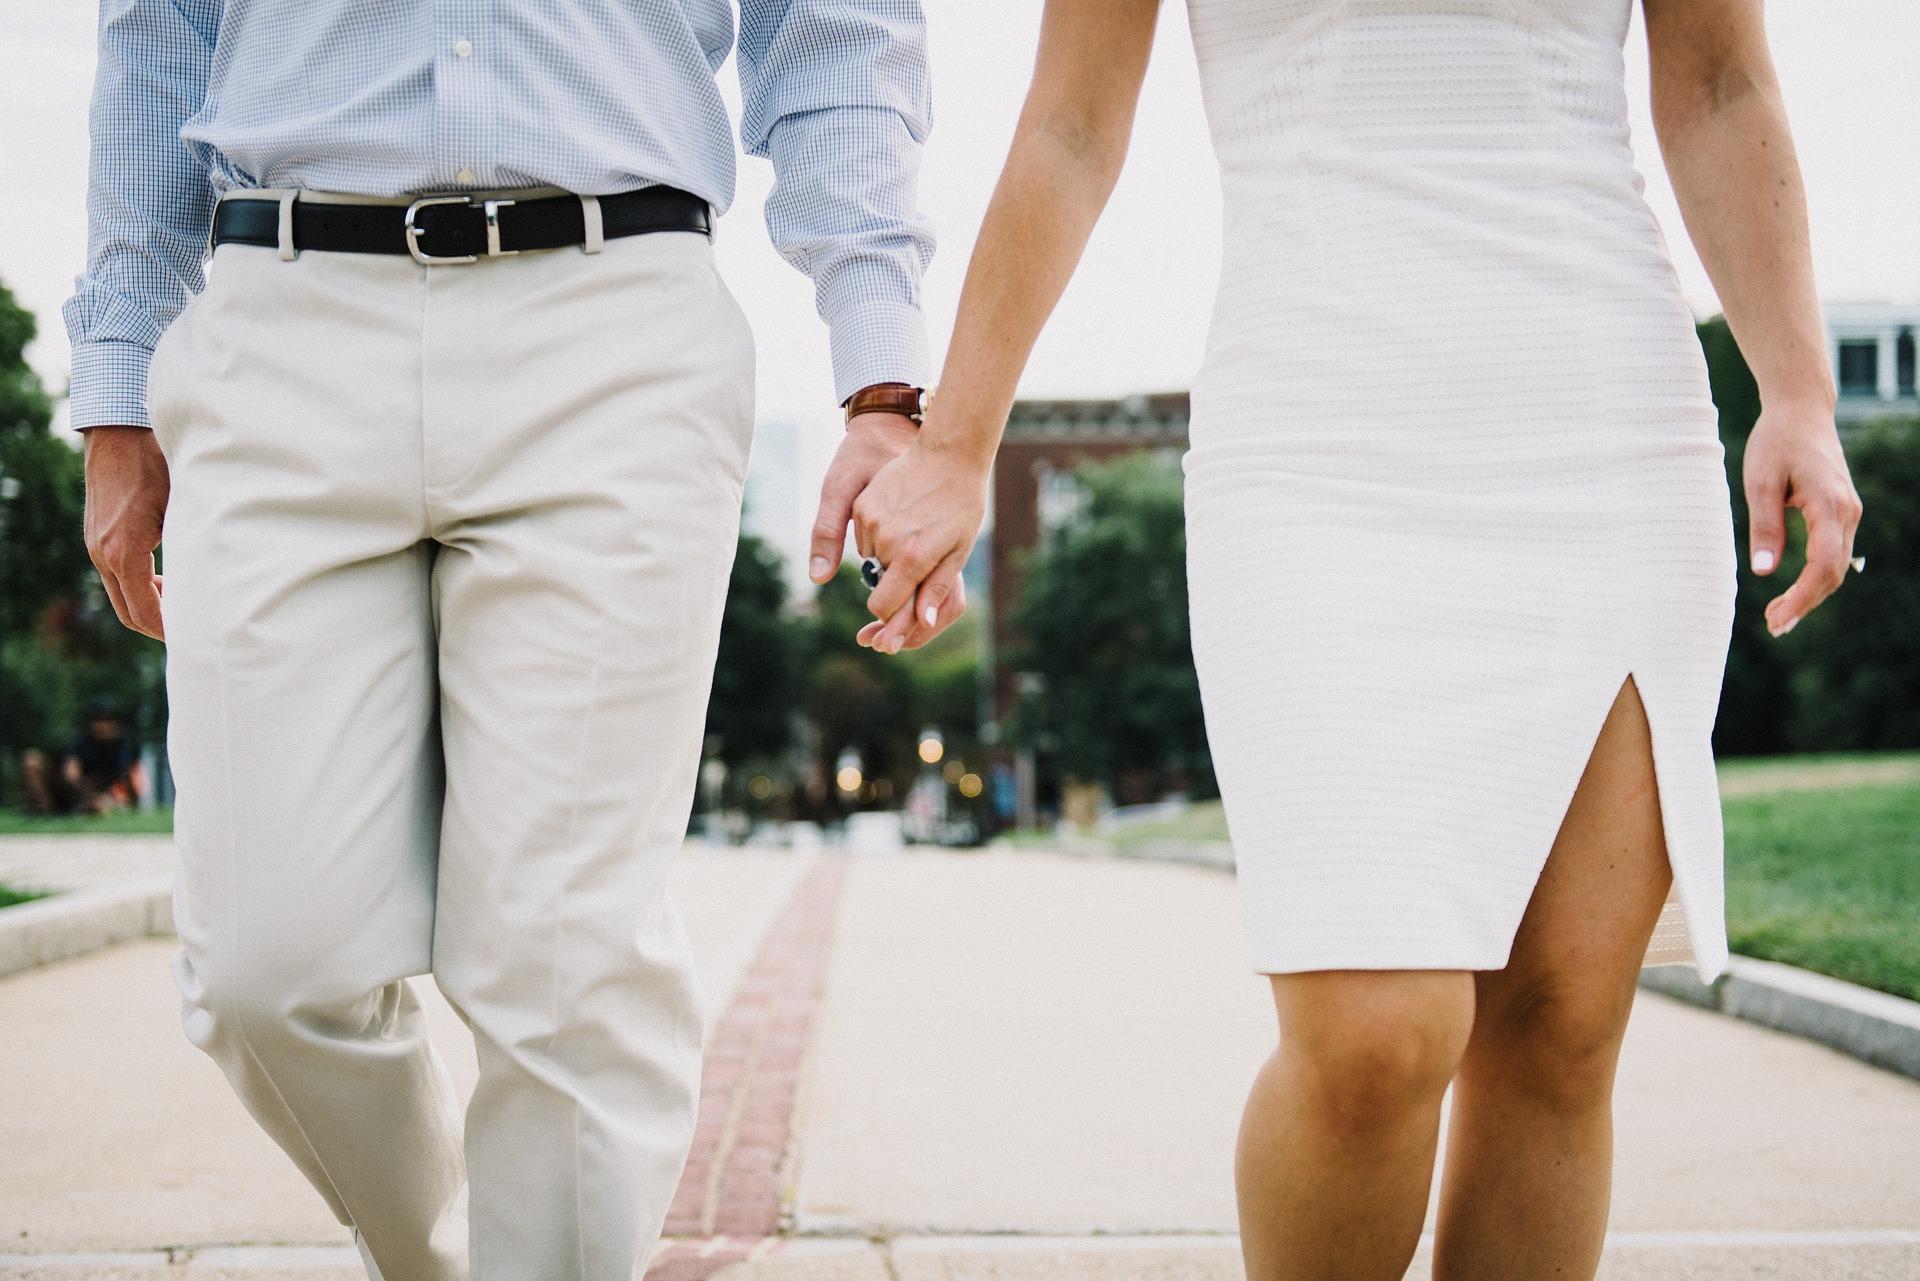 Etes-vous fidèle en amour ou plutôt volage ?